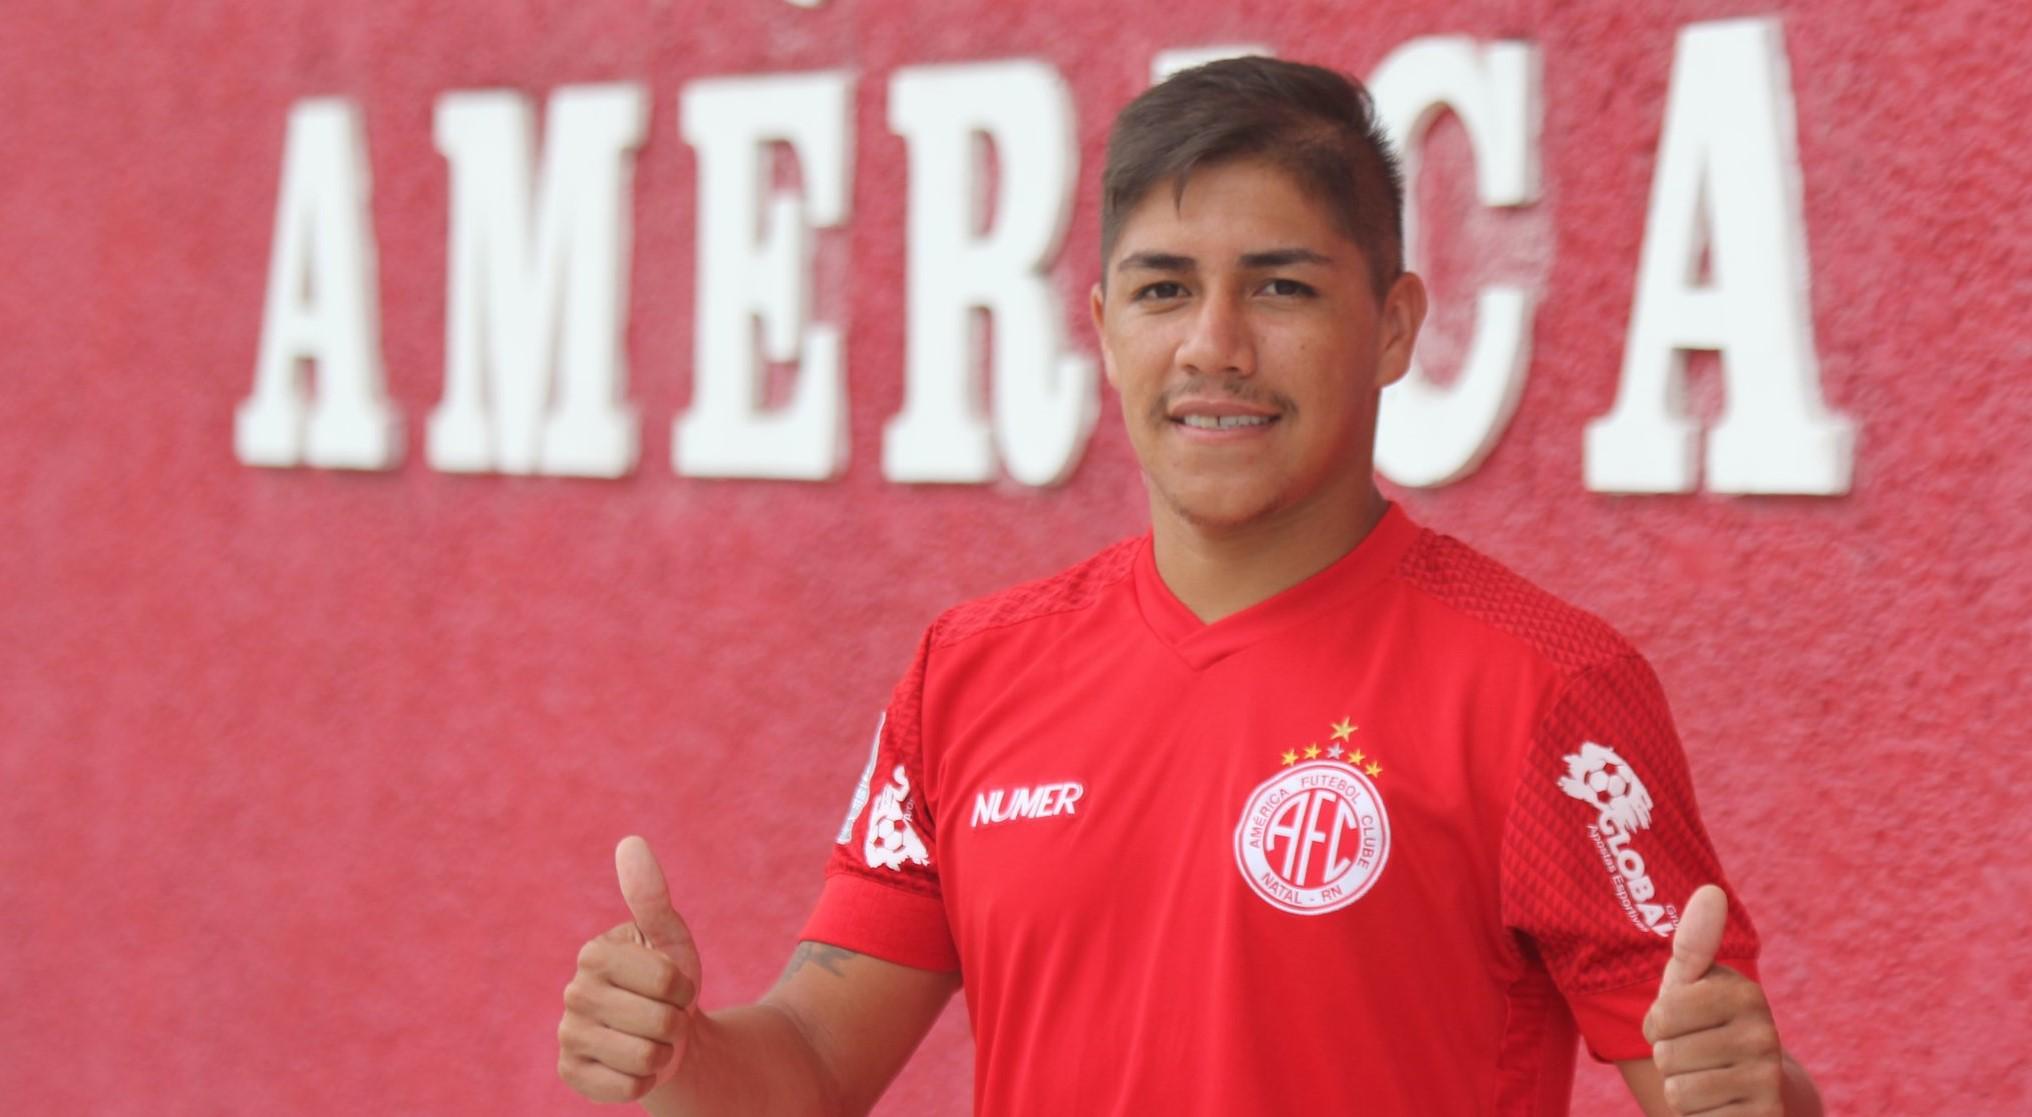 América/RN oficializa contratação do atacante Elias, ex-São Luiz